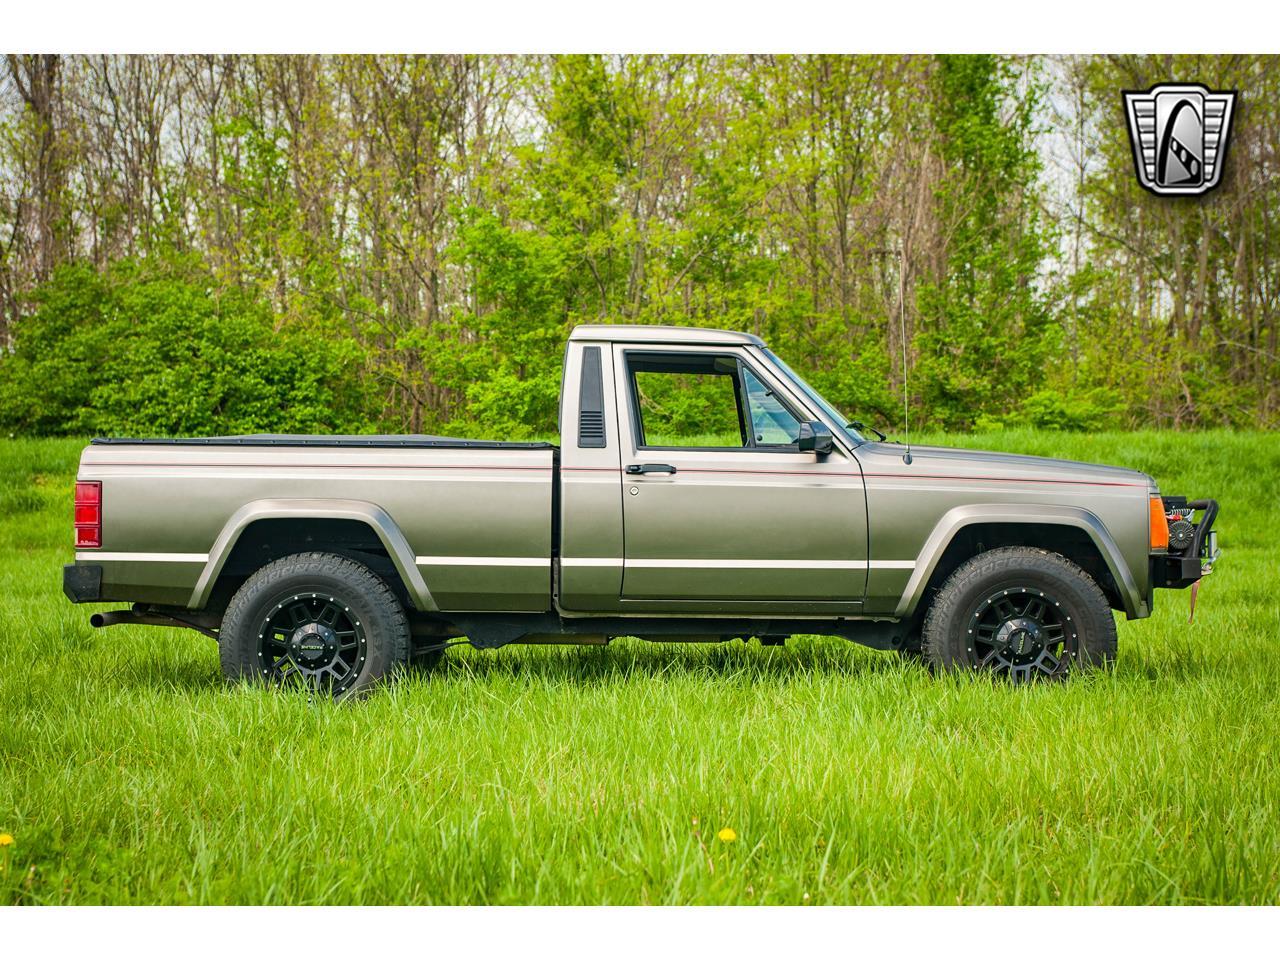 Large Picture of 1990 Comanche located in Illinois - $16,500.00 - QB8P